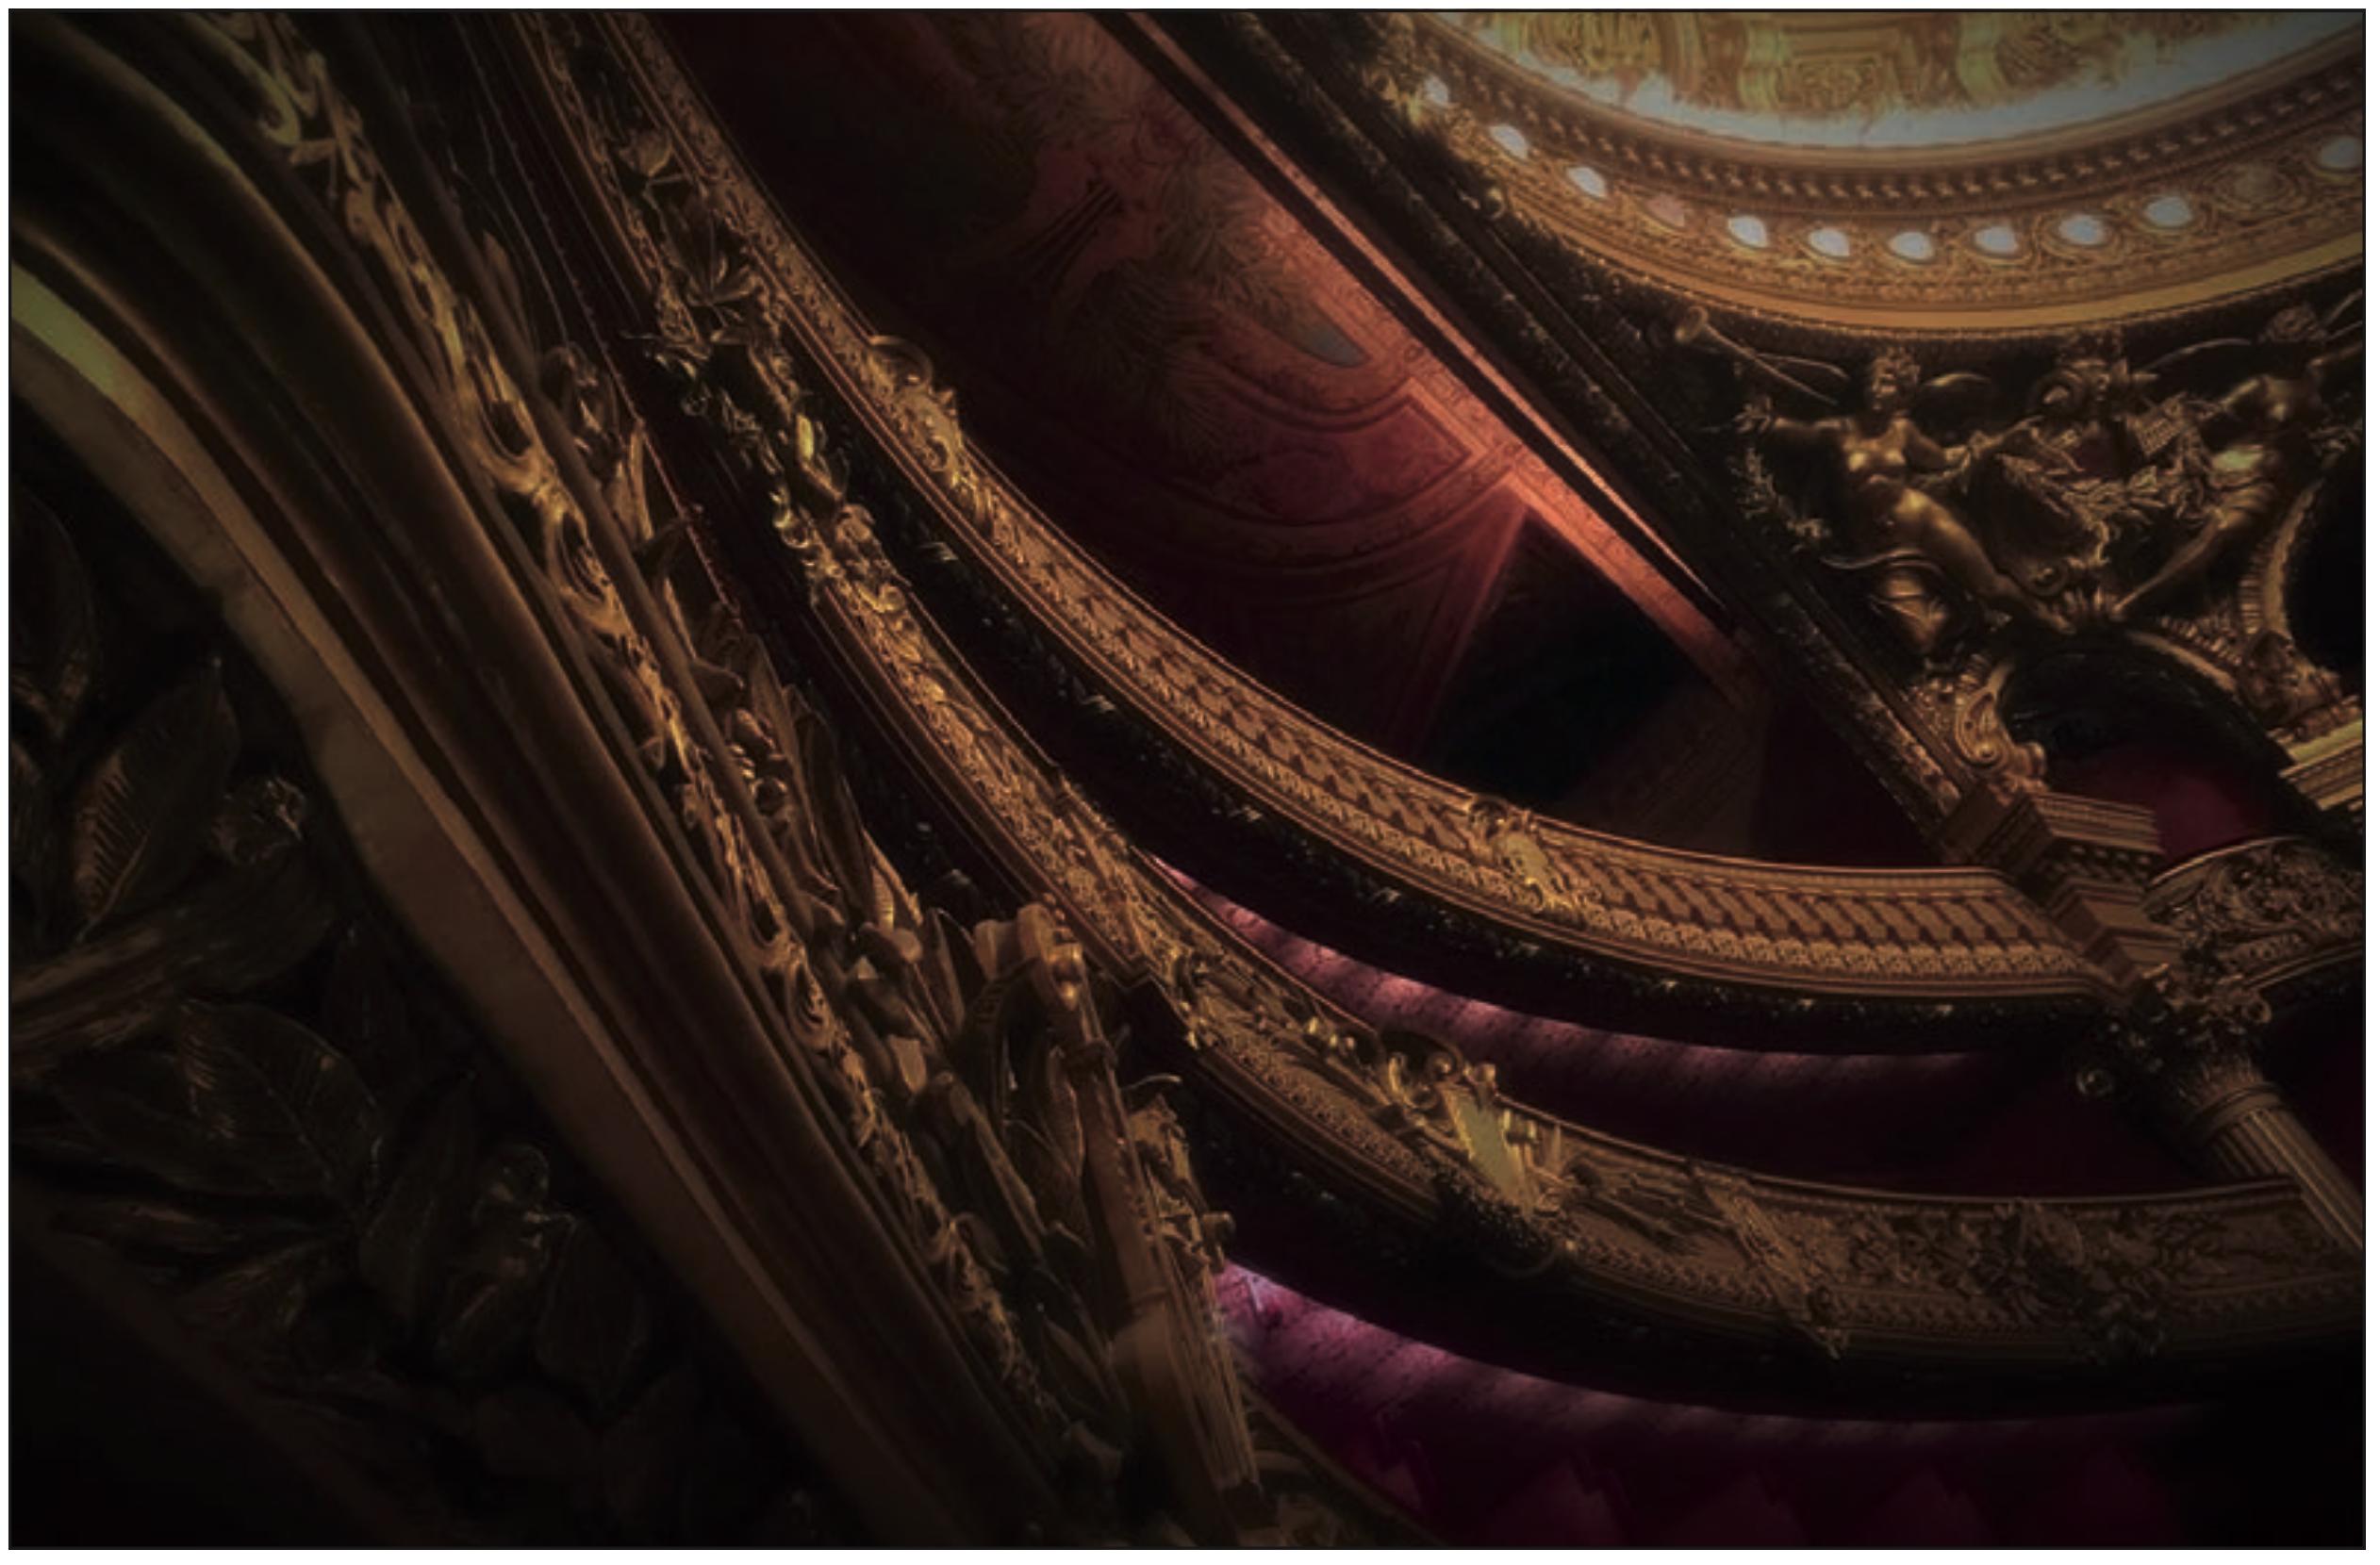 Fotografare con iPhone - lavoriamo con intensità sulla scena - se troviamo la giusta composizione viene una foto eccezionale